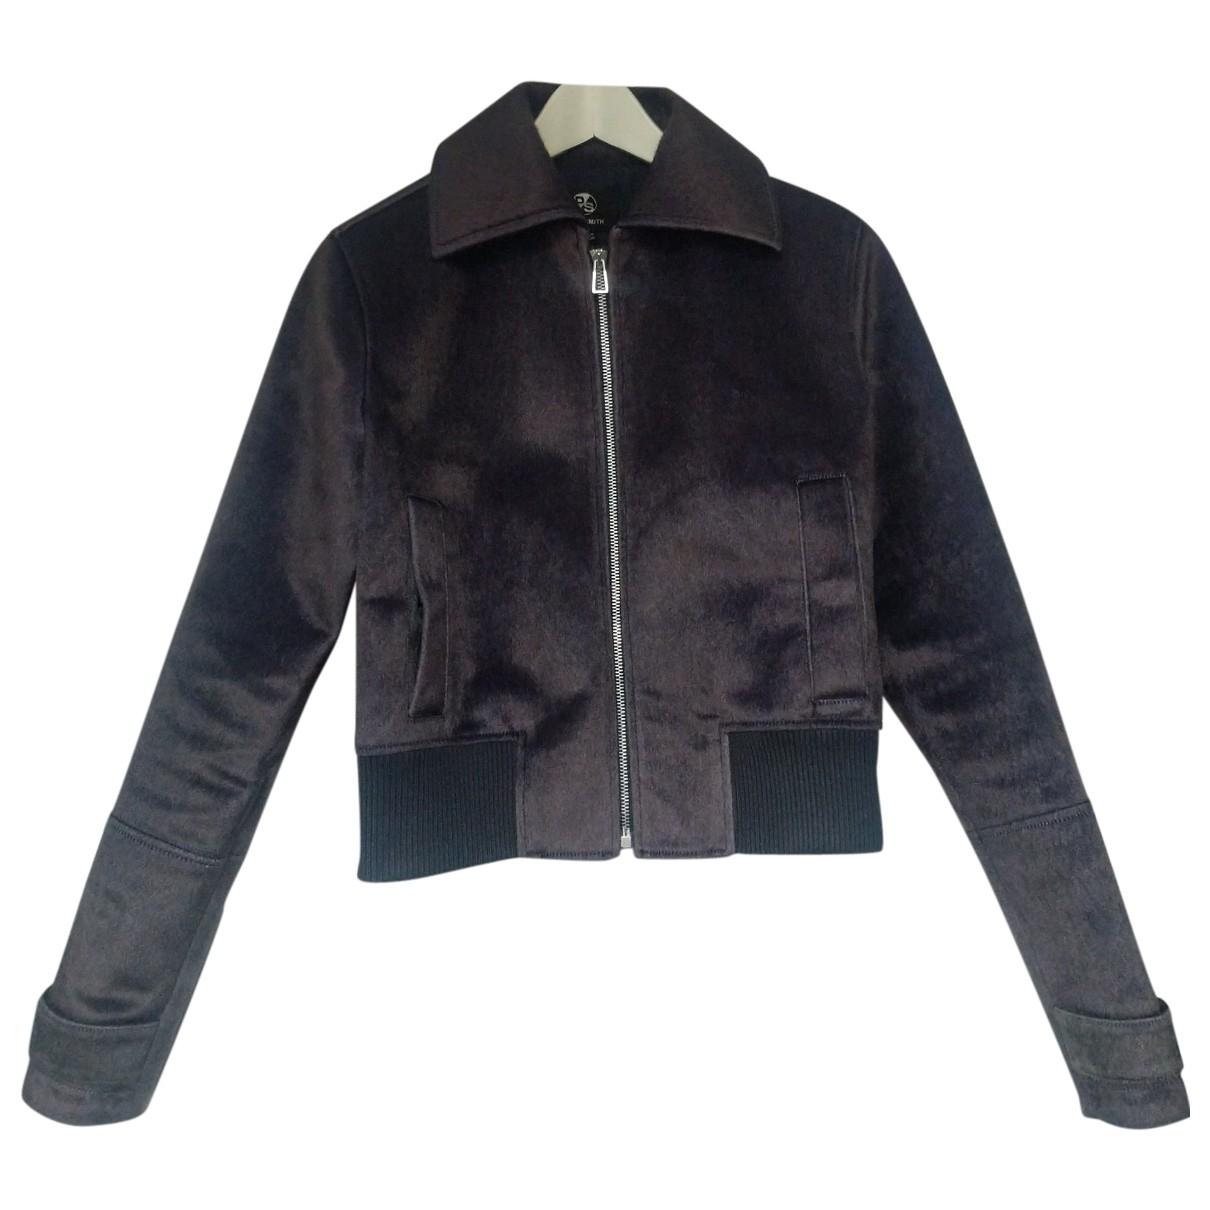 Paul Smith \N Black jacket for Women 40 IT